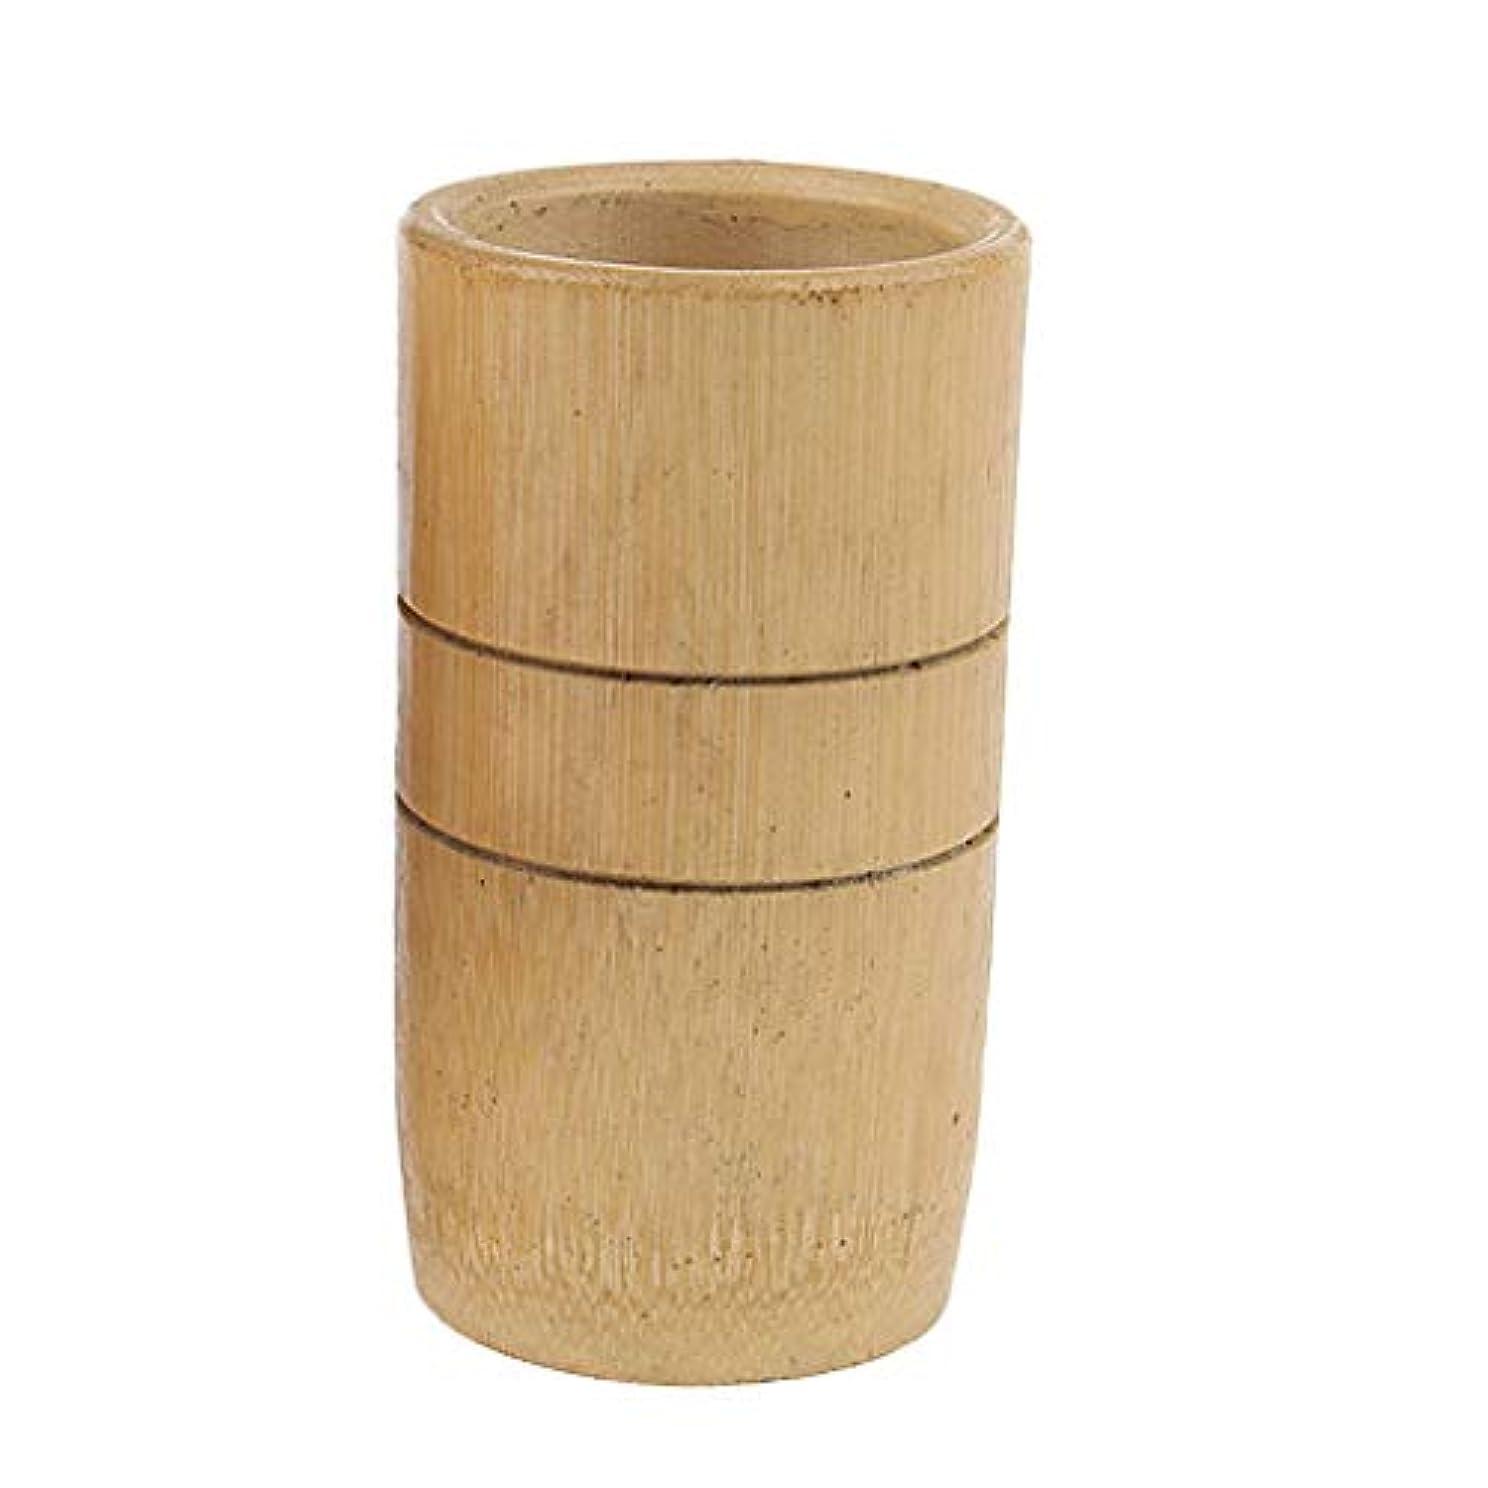 かんがい悔い改めるドラフトマッサージ吸い玉 カッピングカップ 天然竹製 サロン 家庭用 2個入